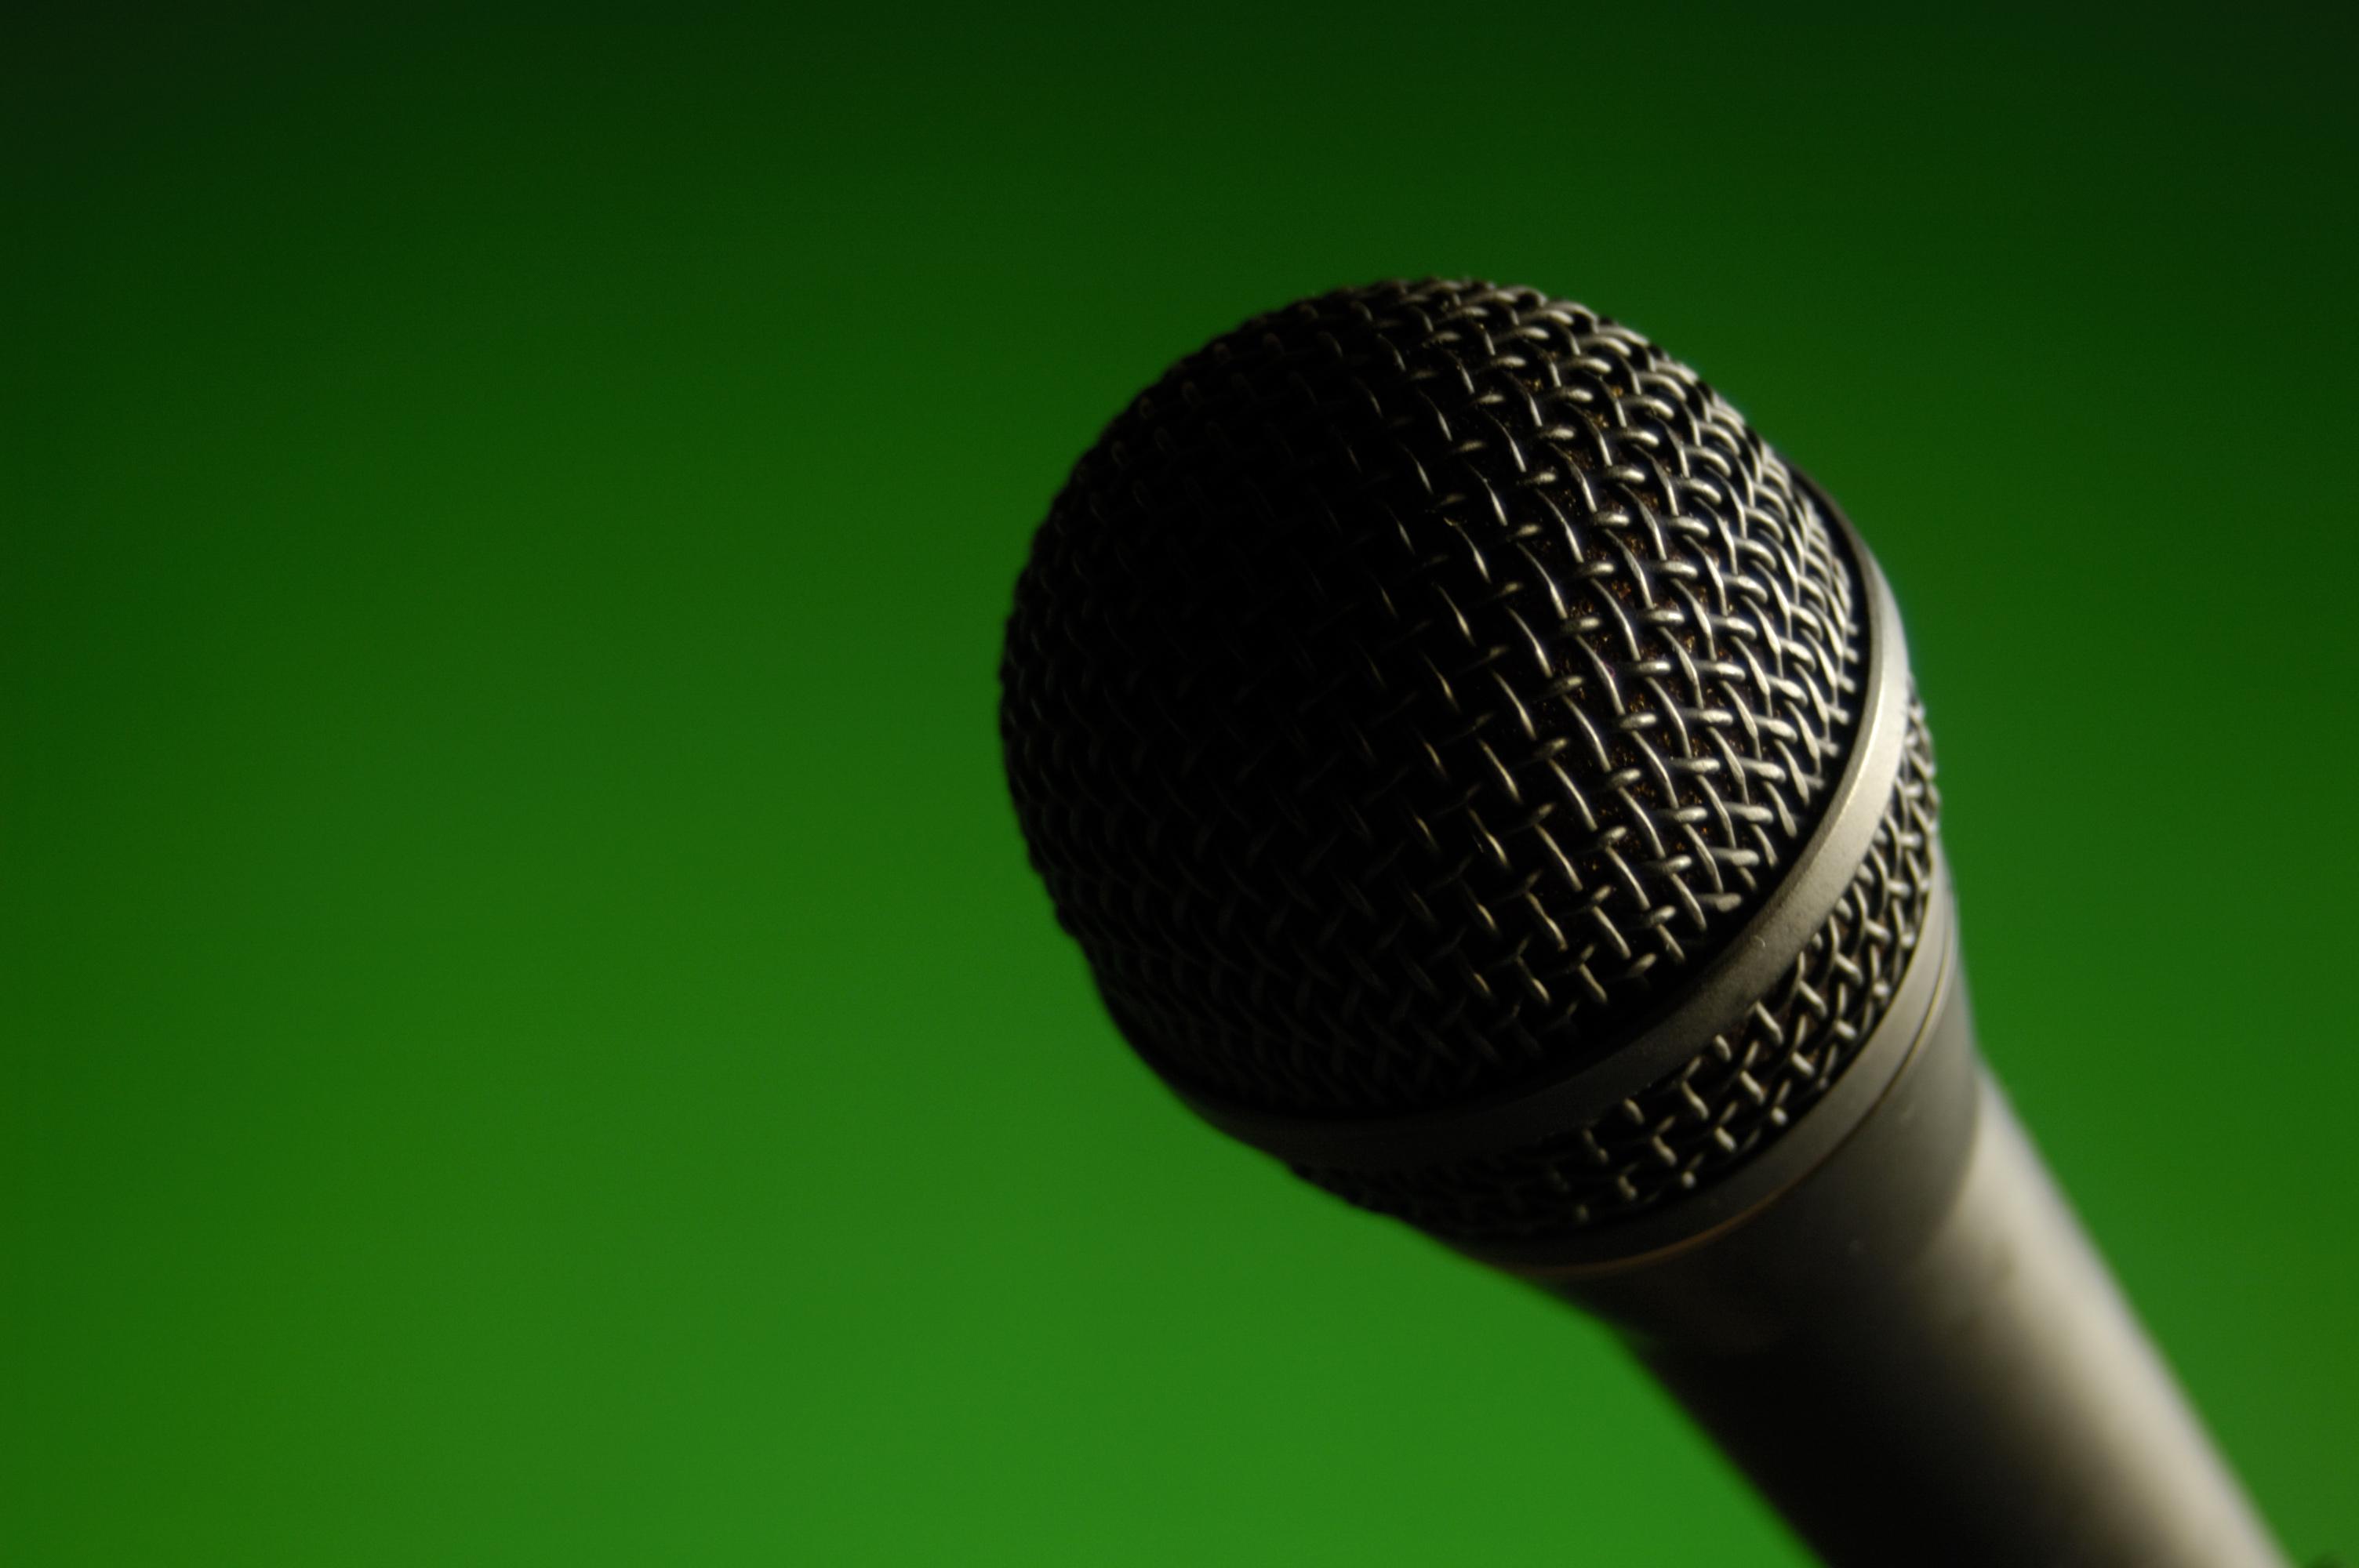 Microphone. Picture: monosodium/morguefile